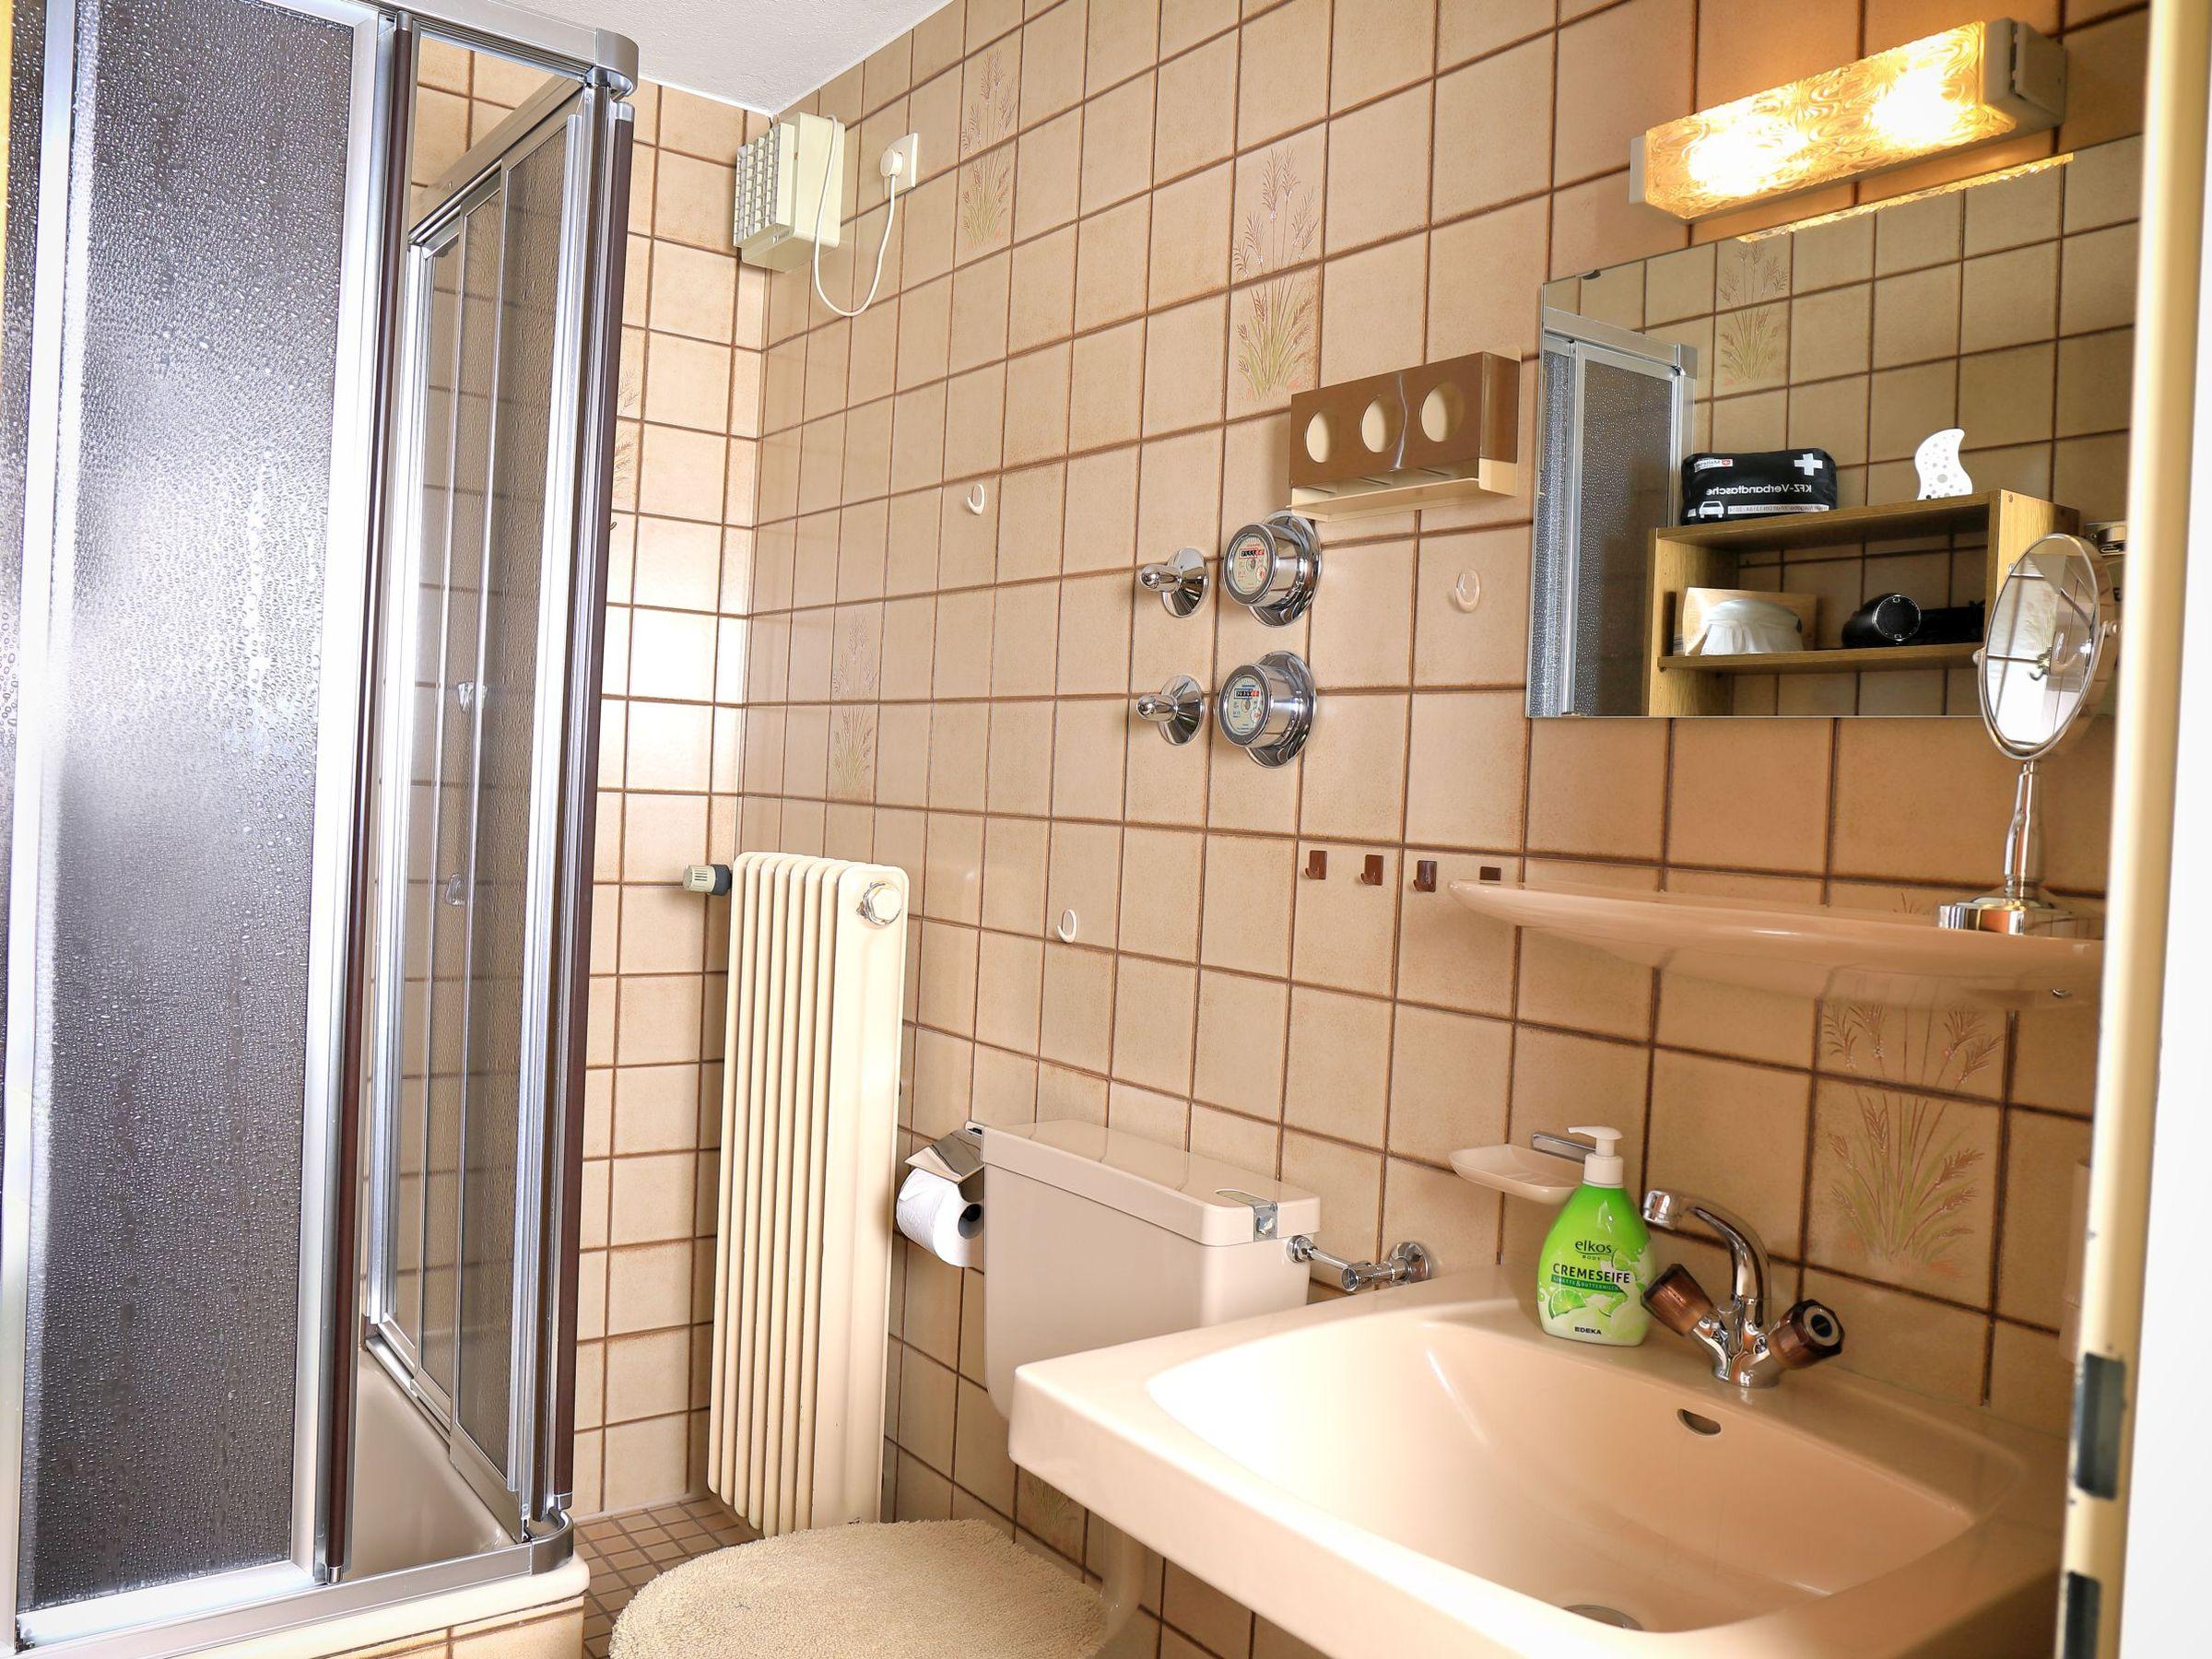 Ferienhaus Haus Monika Ferienwohnungen, (Herrischried). Ferienwohnung Nr. 4, 62 qm, Balkon, 2 Schlafz (2299232), Herrischried, Schwarzwald, Baden-Württemberg, Deutschland, Bild 15